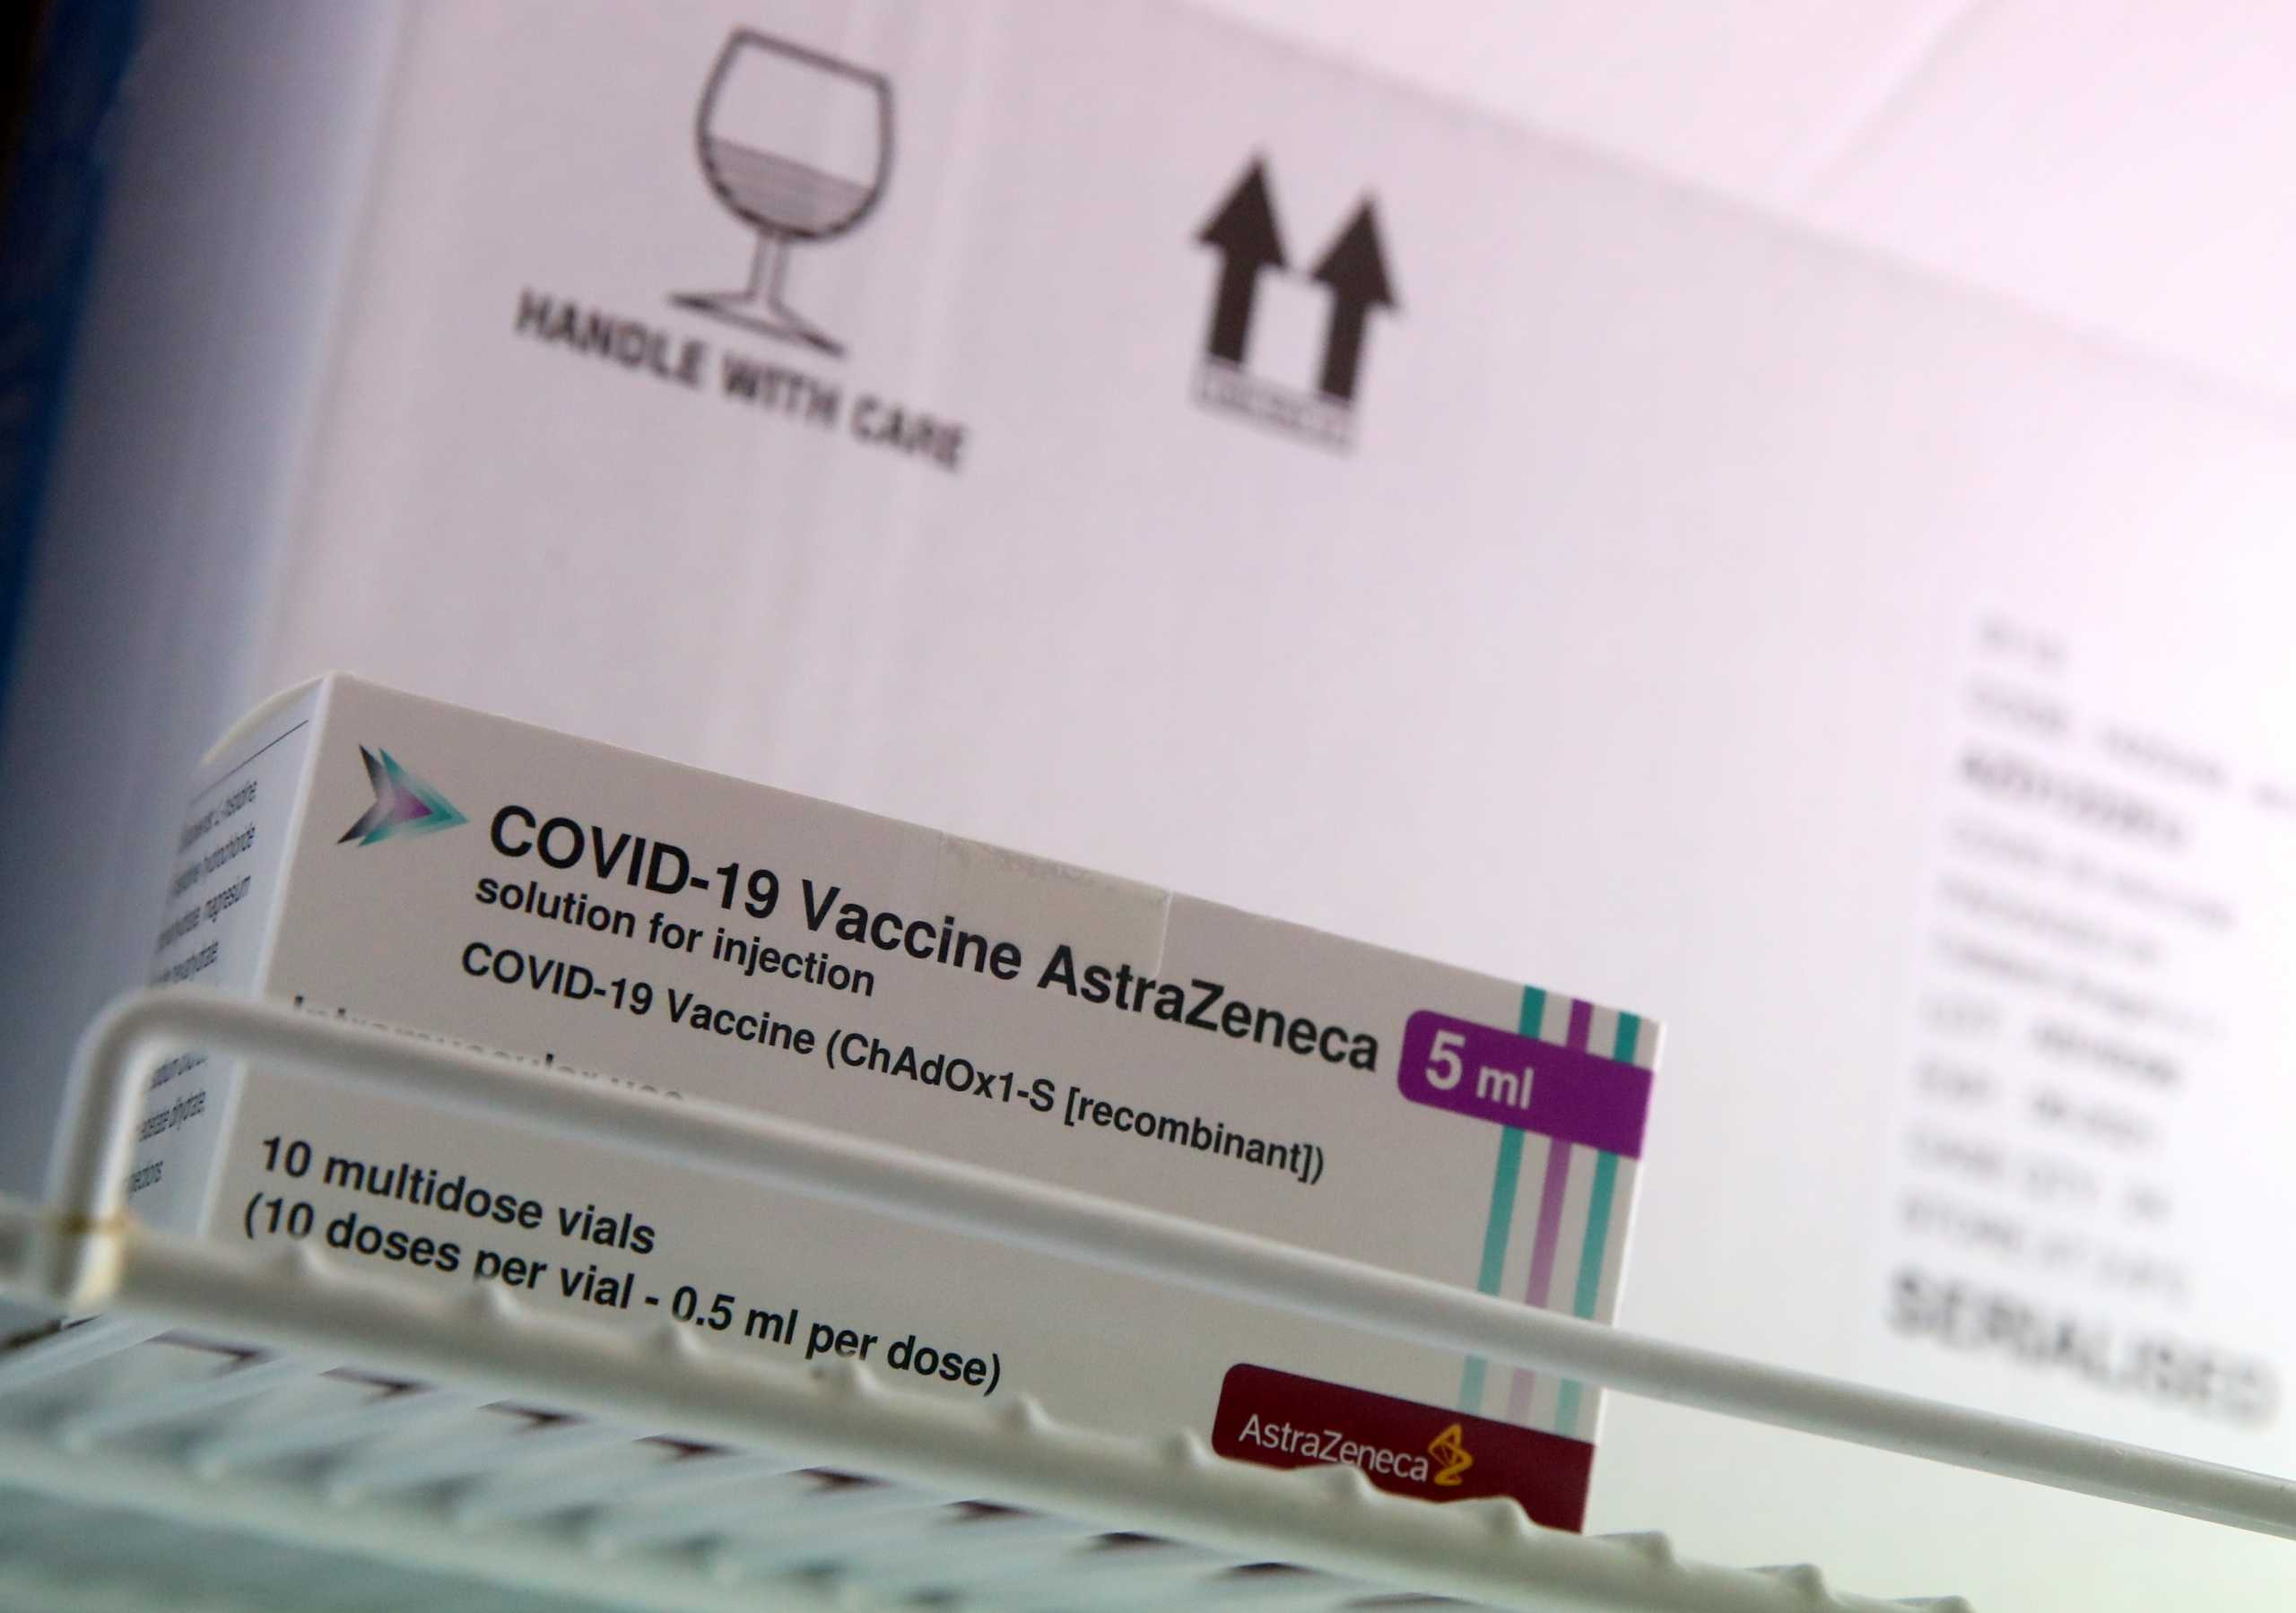 Ώρα αλλαγών για το εμβόλιο της Astrazeneca και στην Ελλάδα; Τι λένε οι επιστήμονες στο newsit.gr